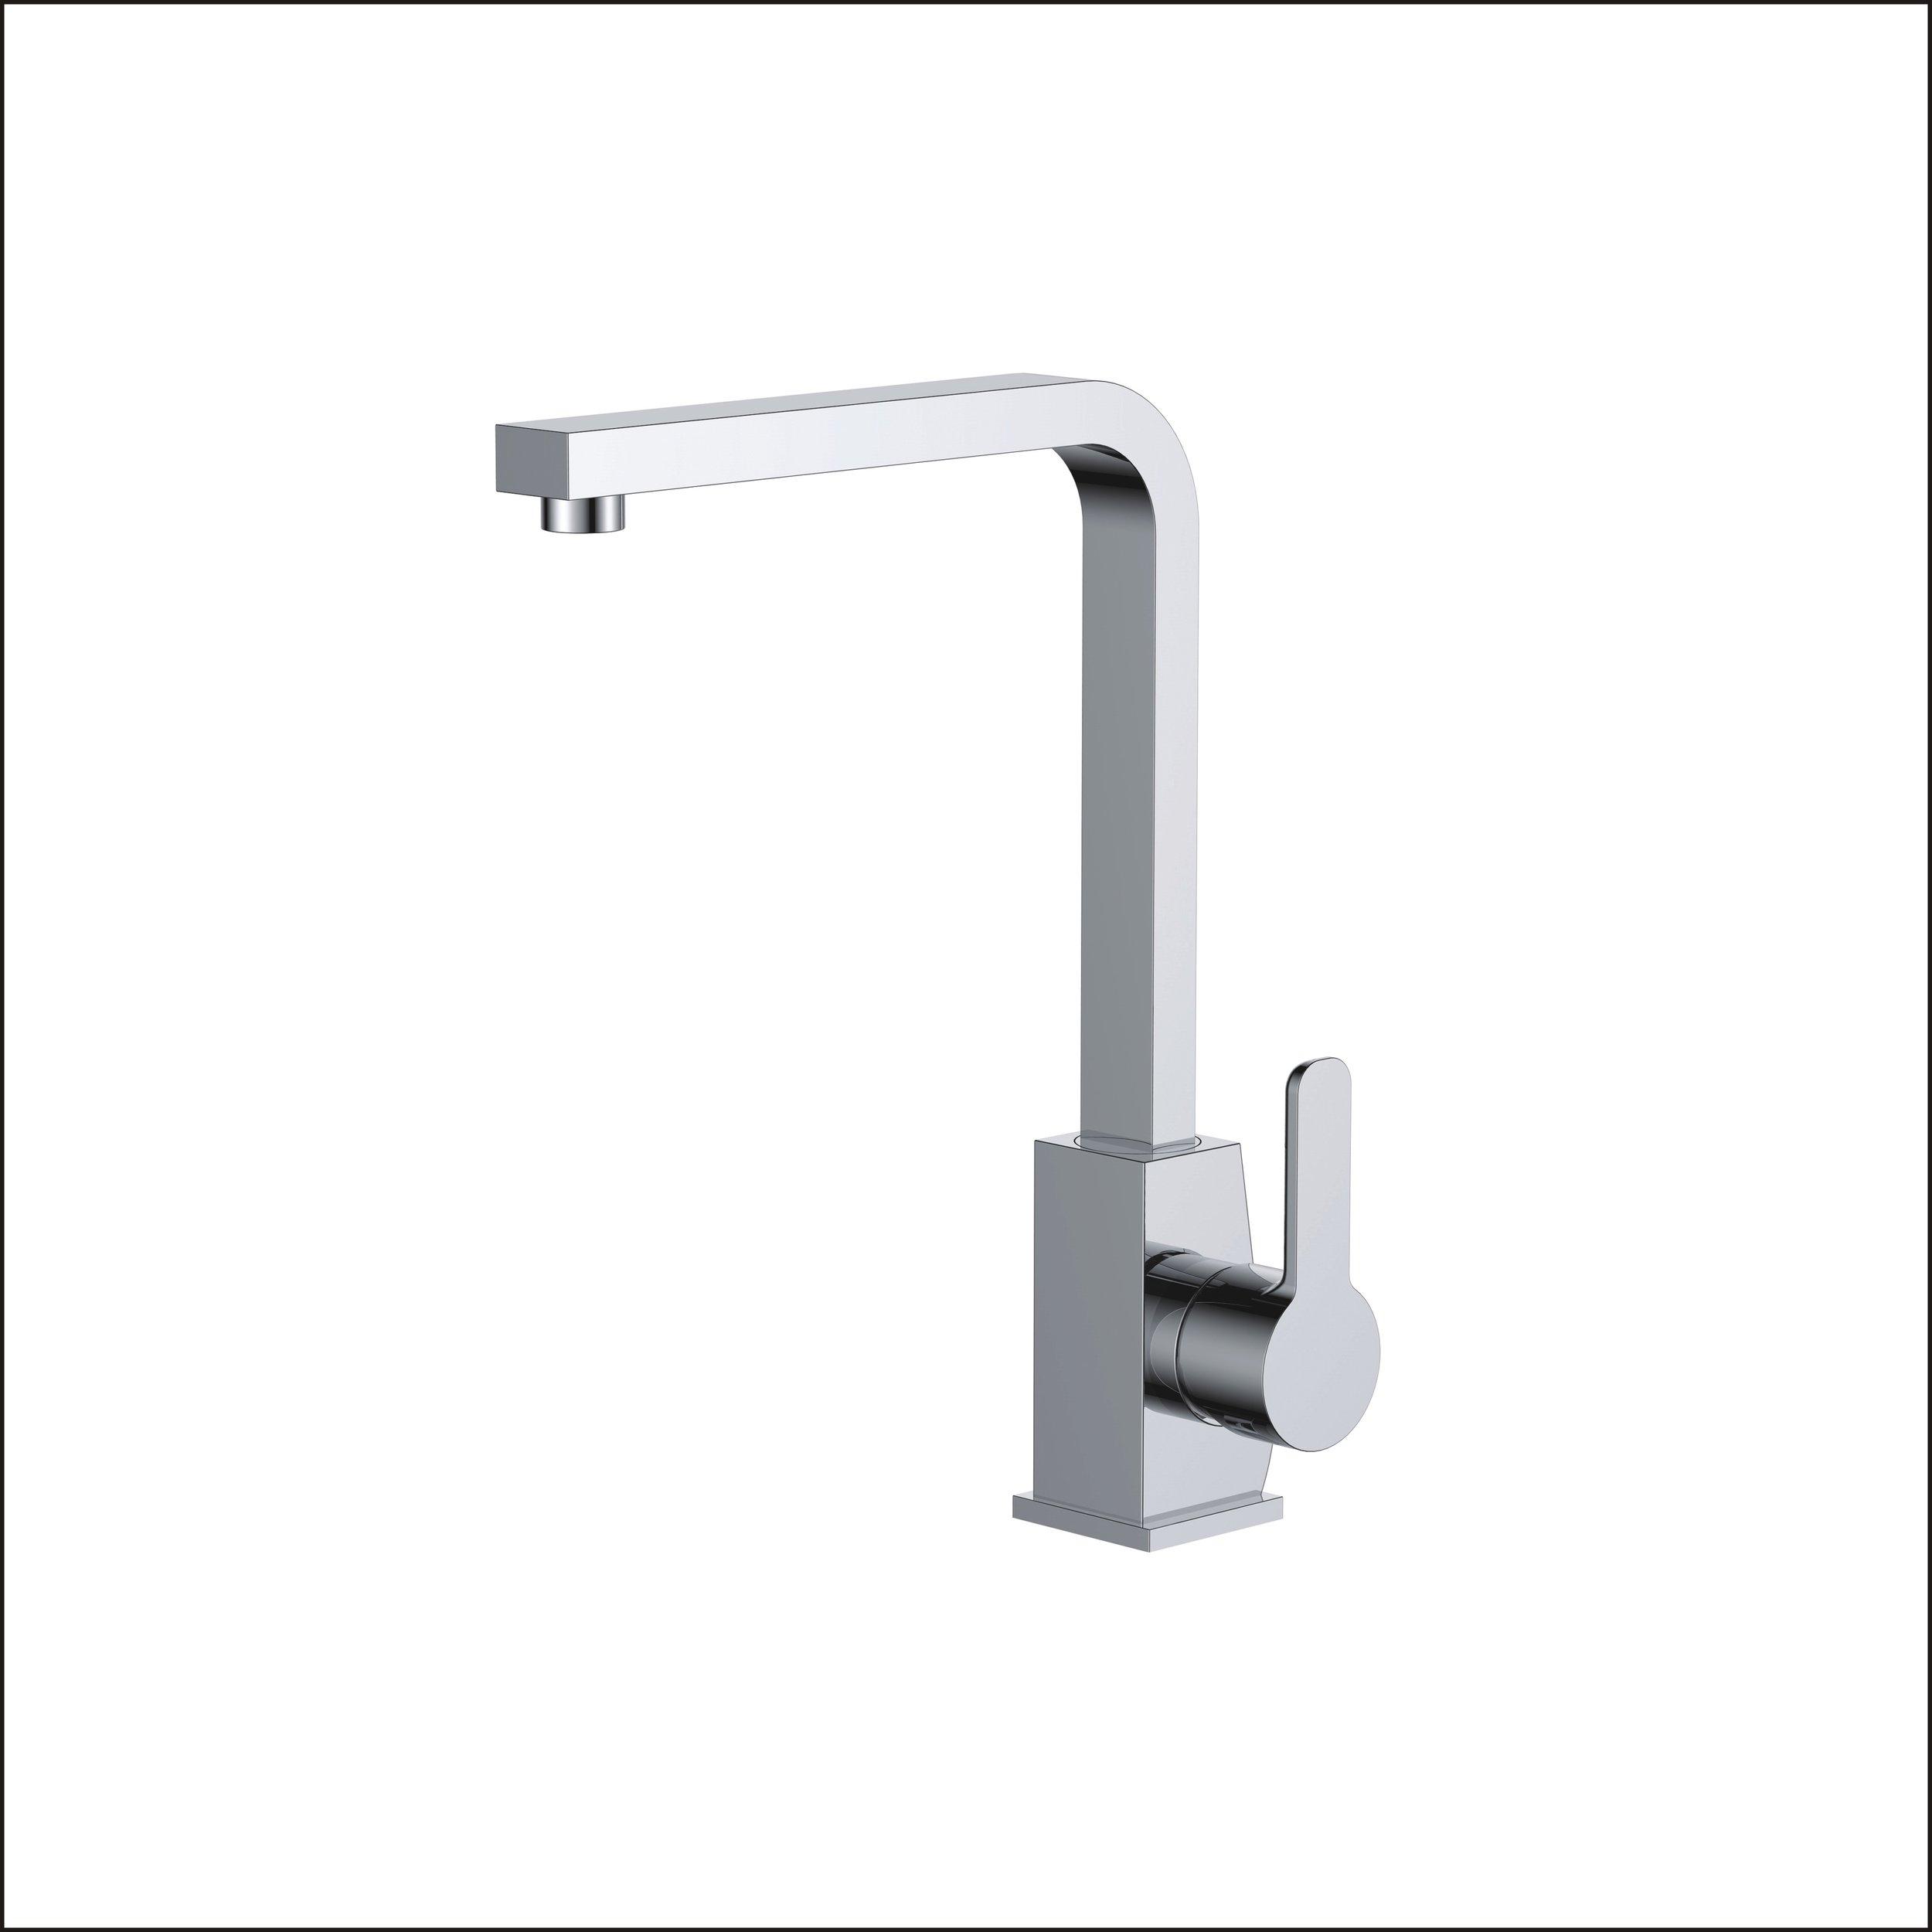 718-104:Sink faucet